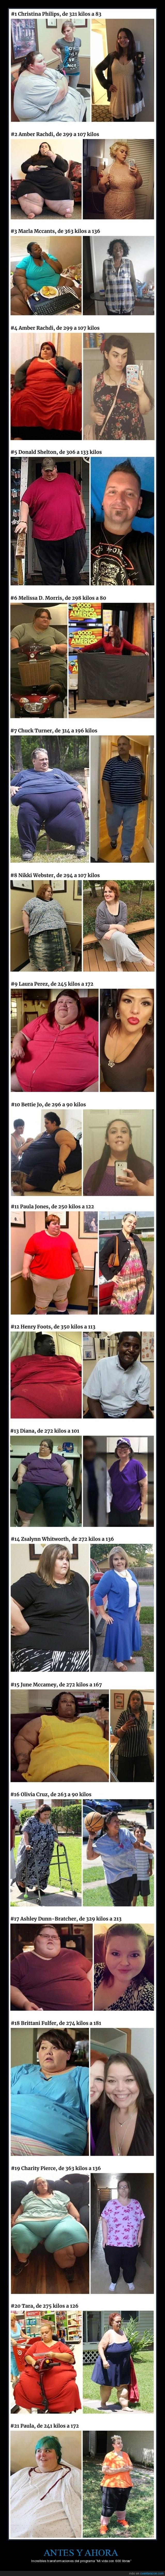 cambios fisicos de los super gordos